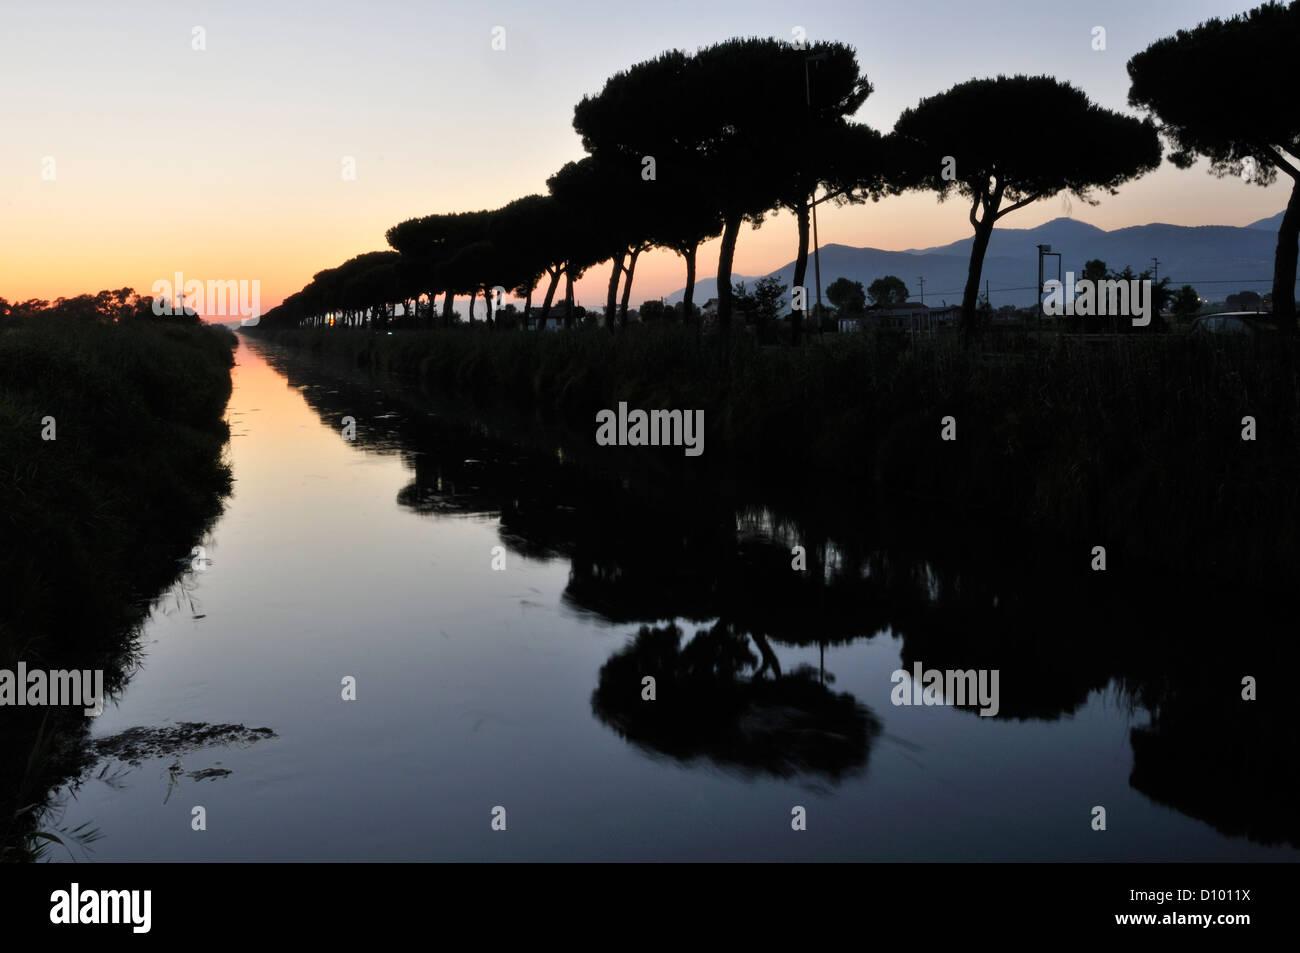 Drain of reclamation, Pontinia, Agro Pontino, Latina, Lazio, Italy - Stock Image